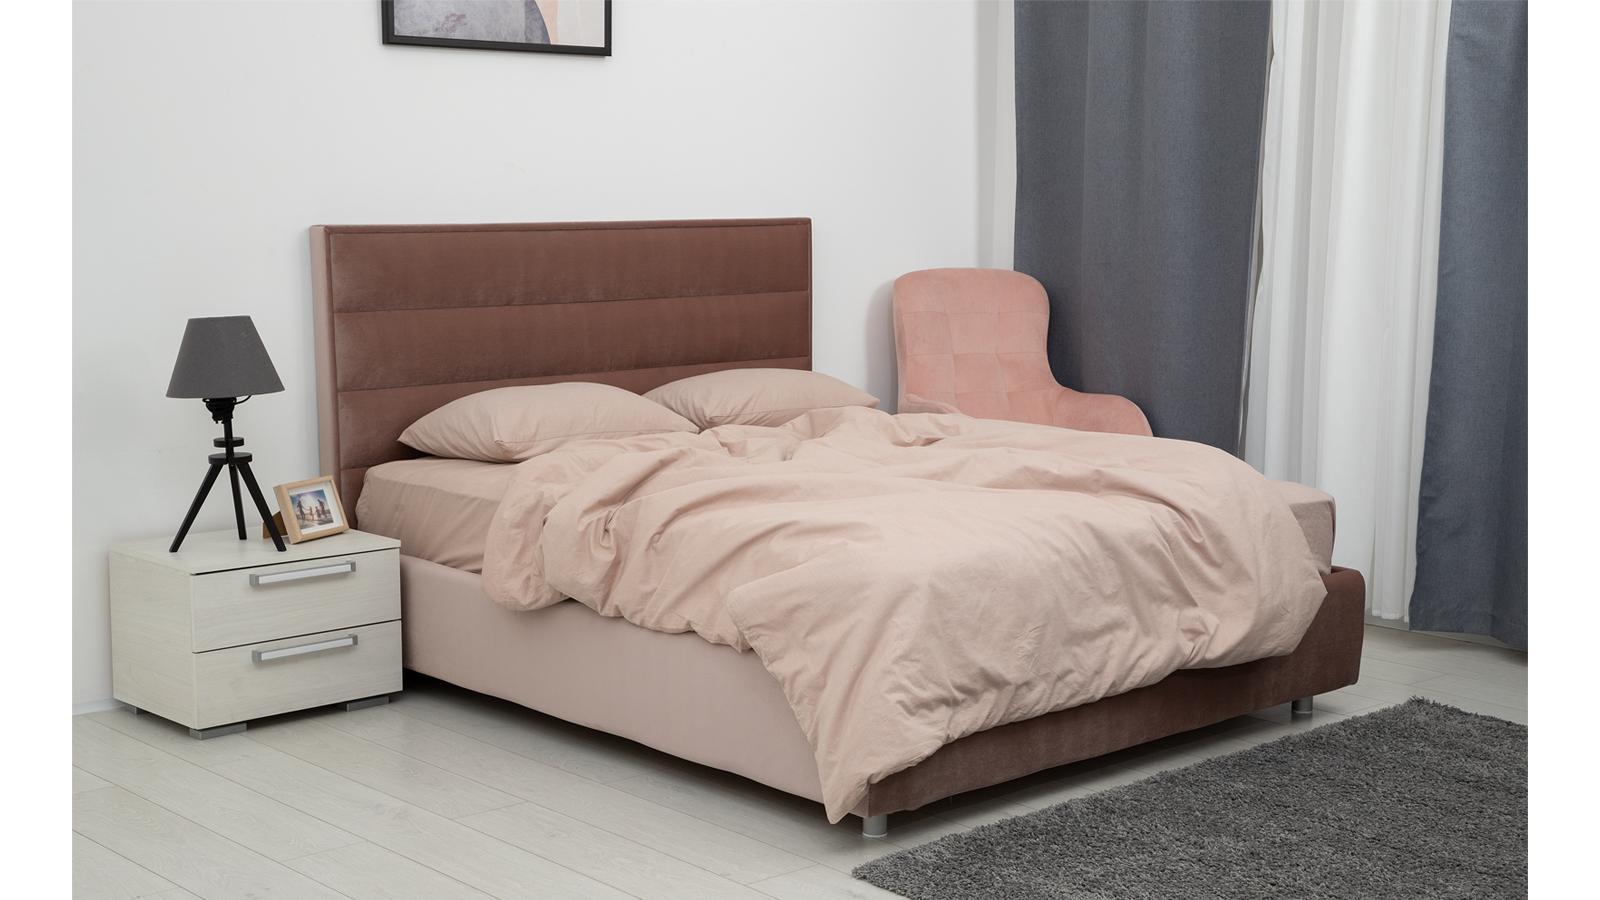 Фото - Кровать с подъемным механизмом Askona Laima кровать с подъемным механизмом askona milana